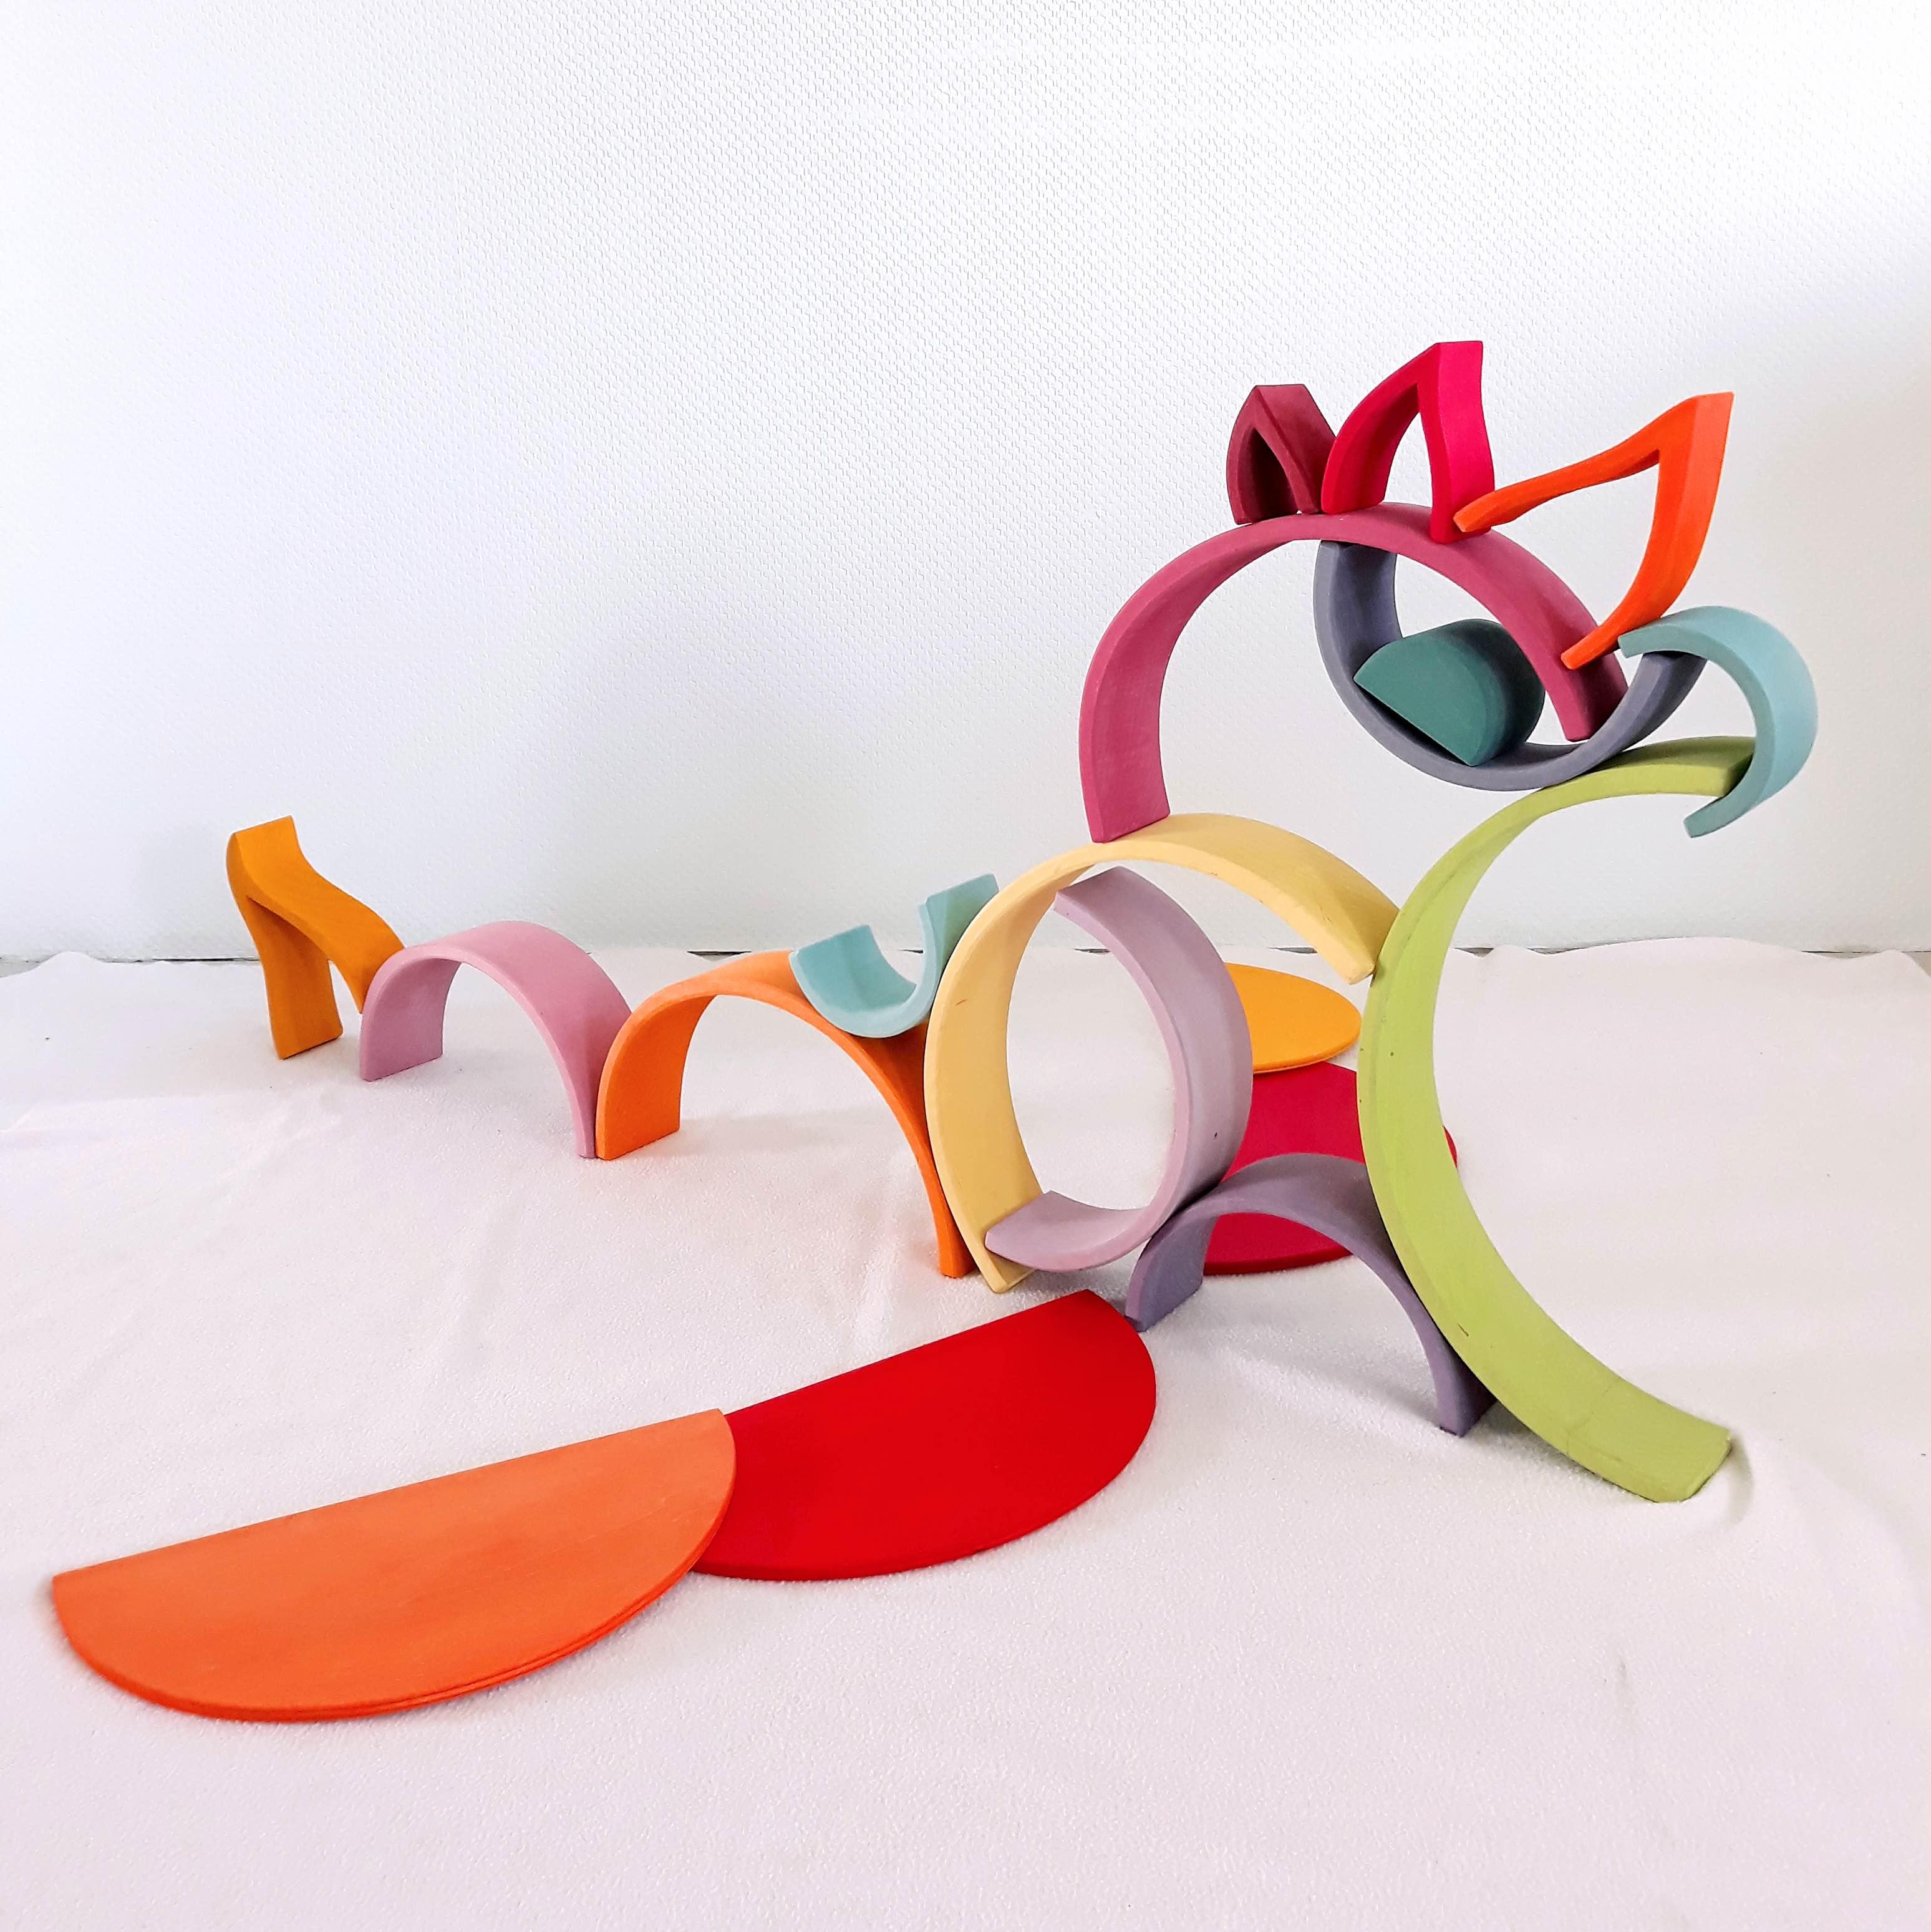 houten regenboog voorbeeld 3D draak